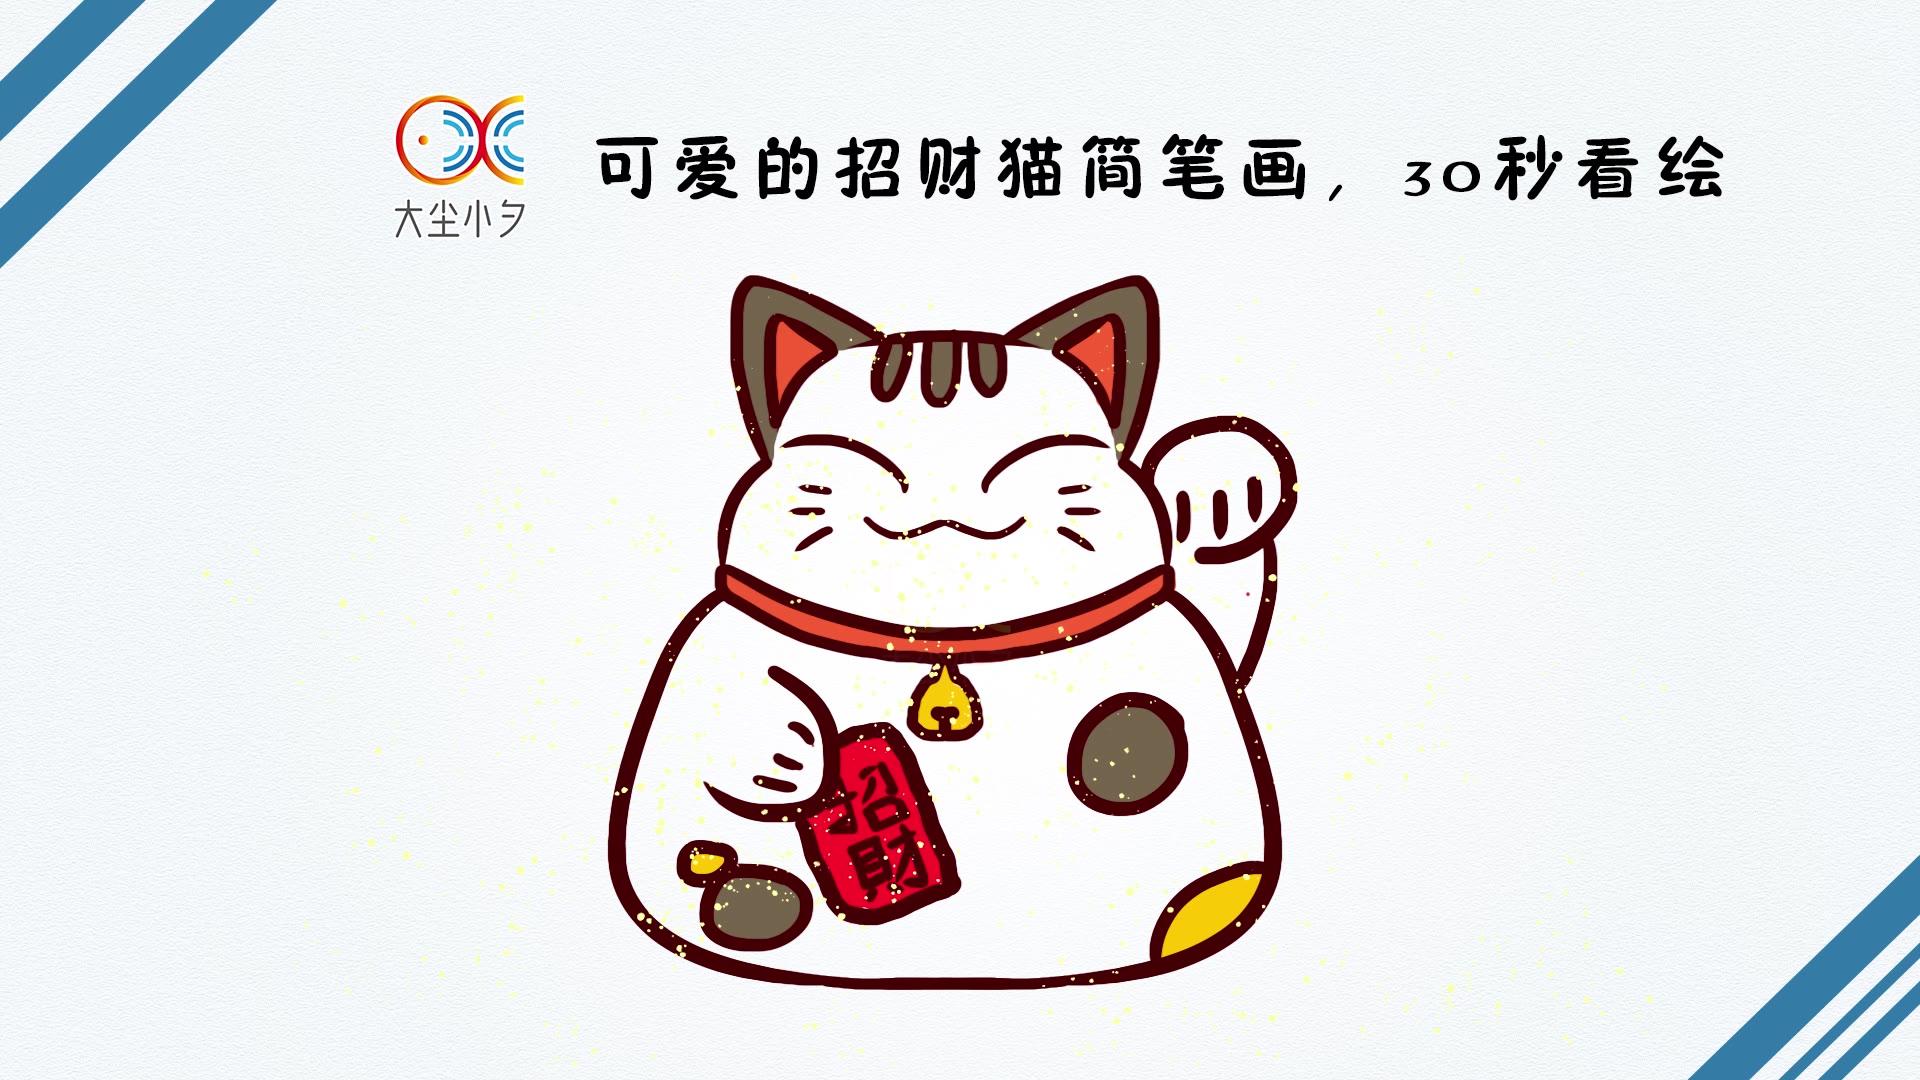 可爱的招财猫简笔画,30秒看绘